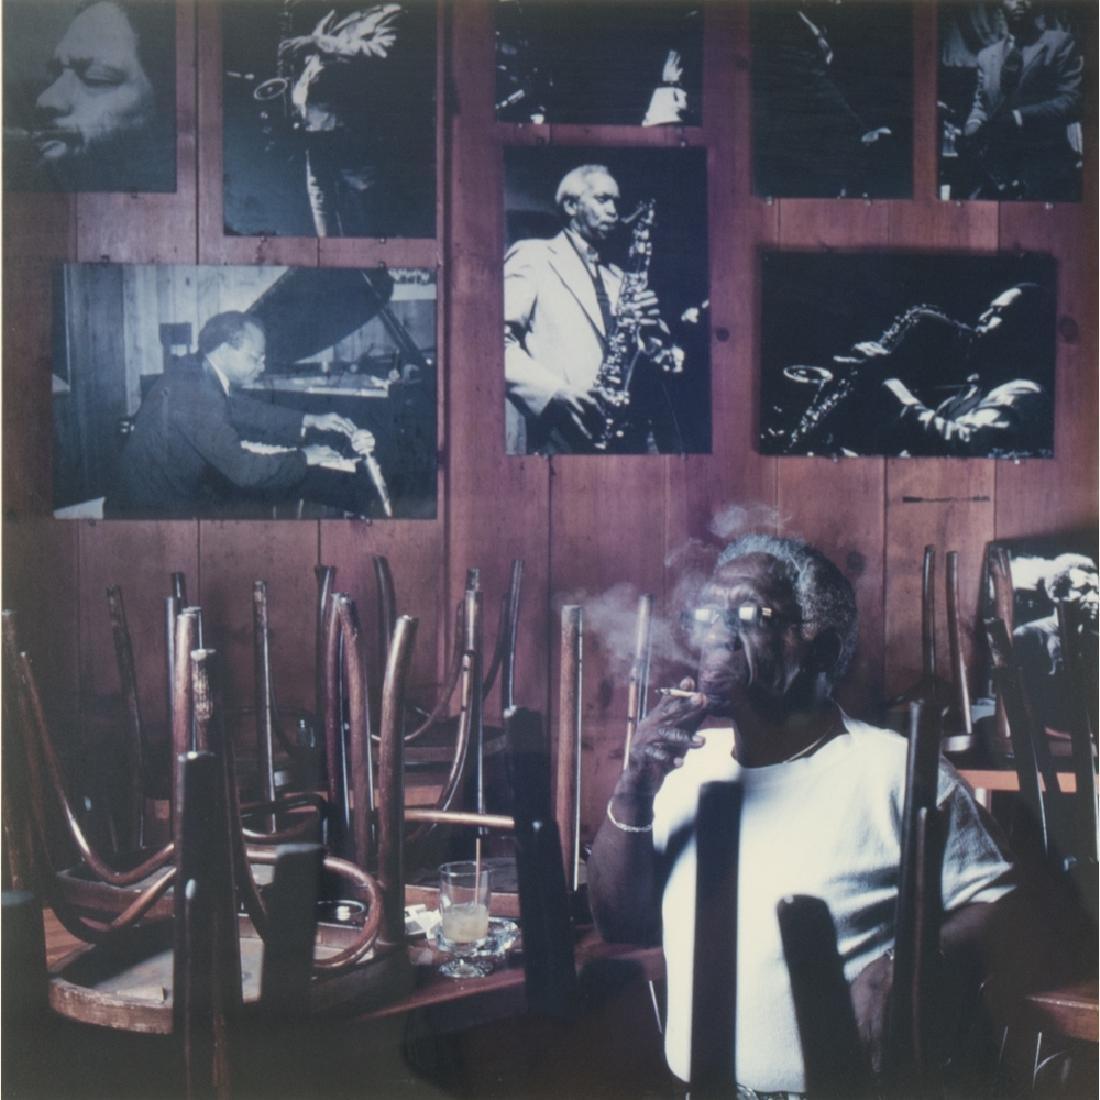 Abe Frajndlich (b. 1946) Art Blakee, NYC, 4/20/86,